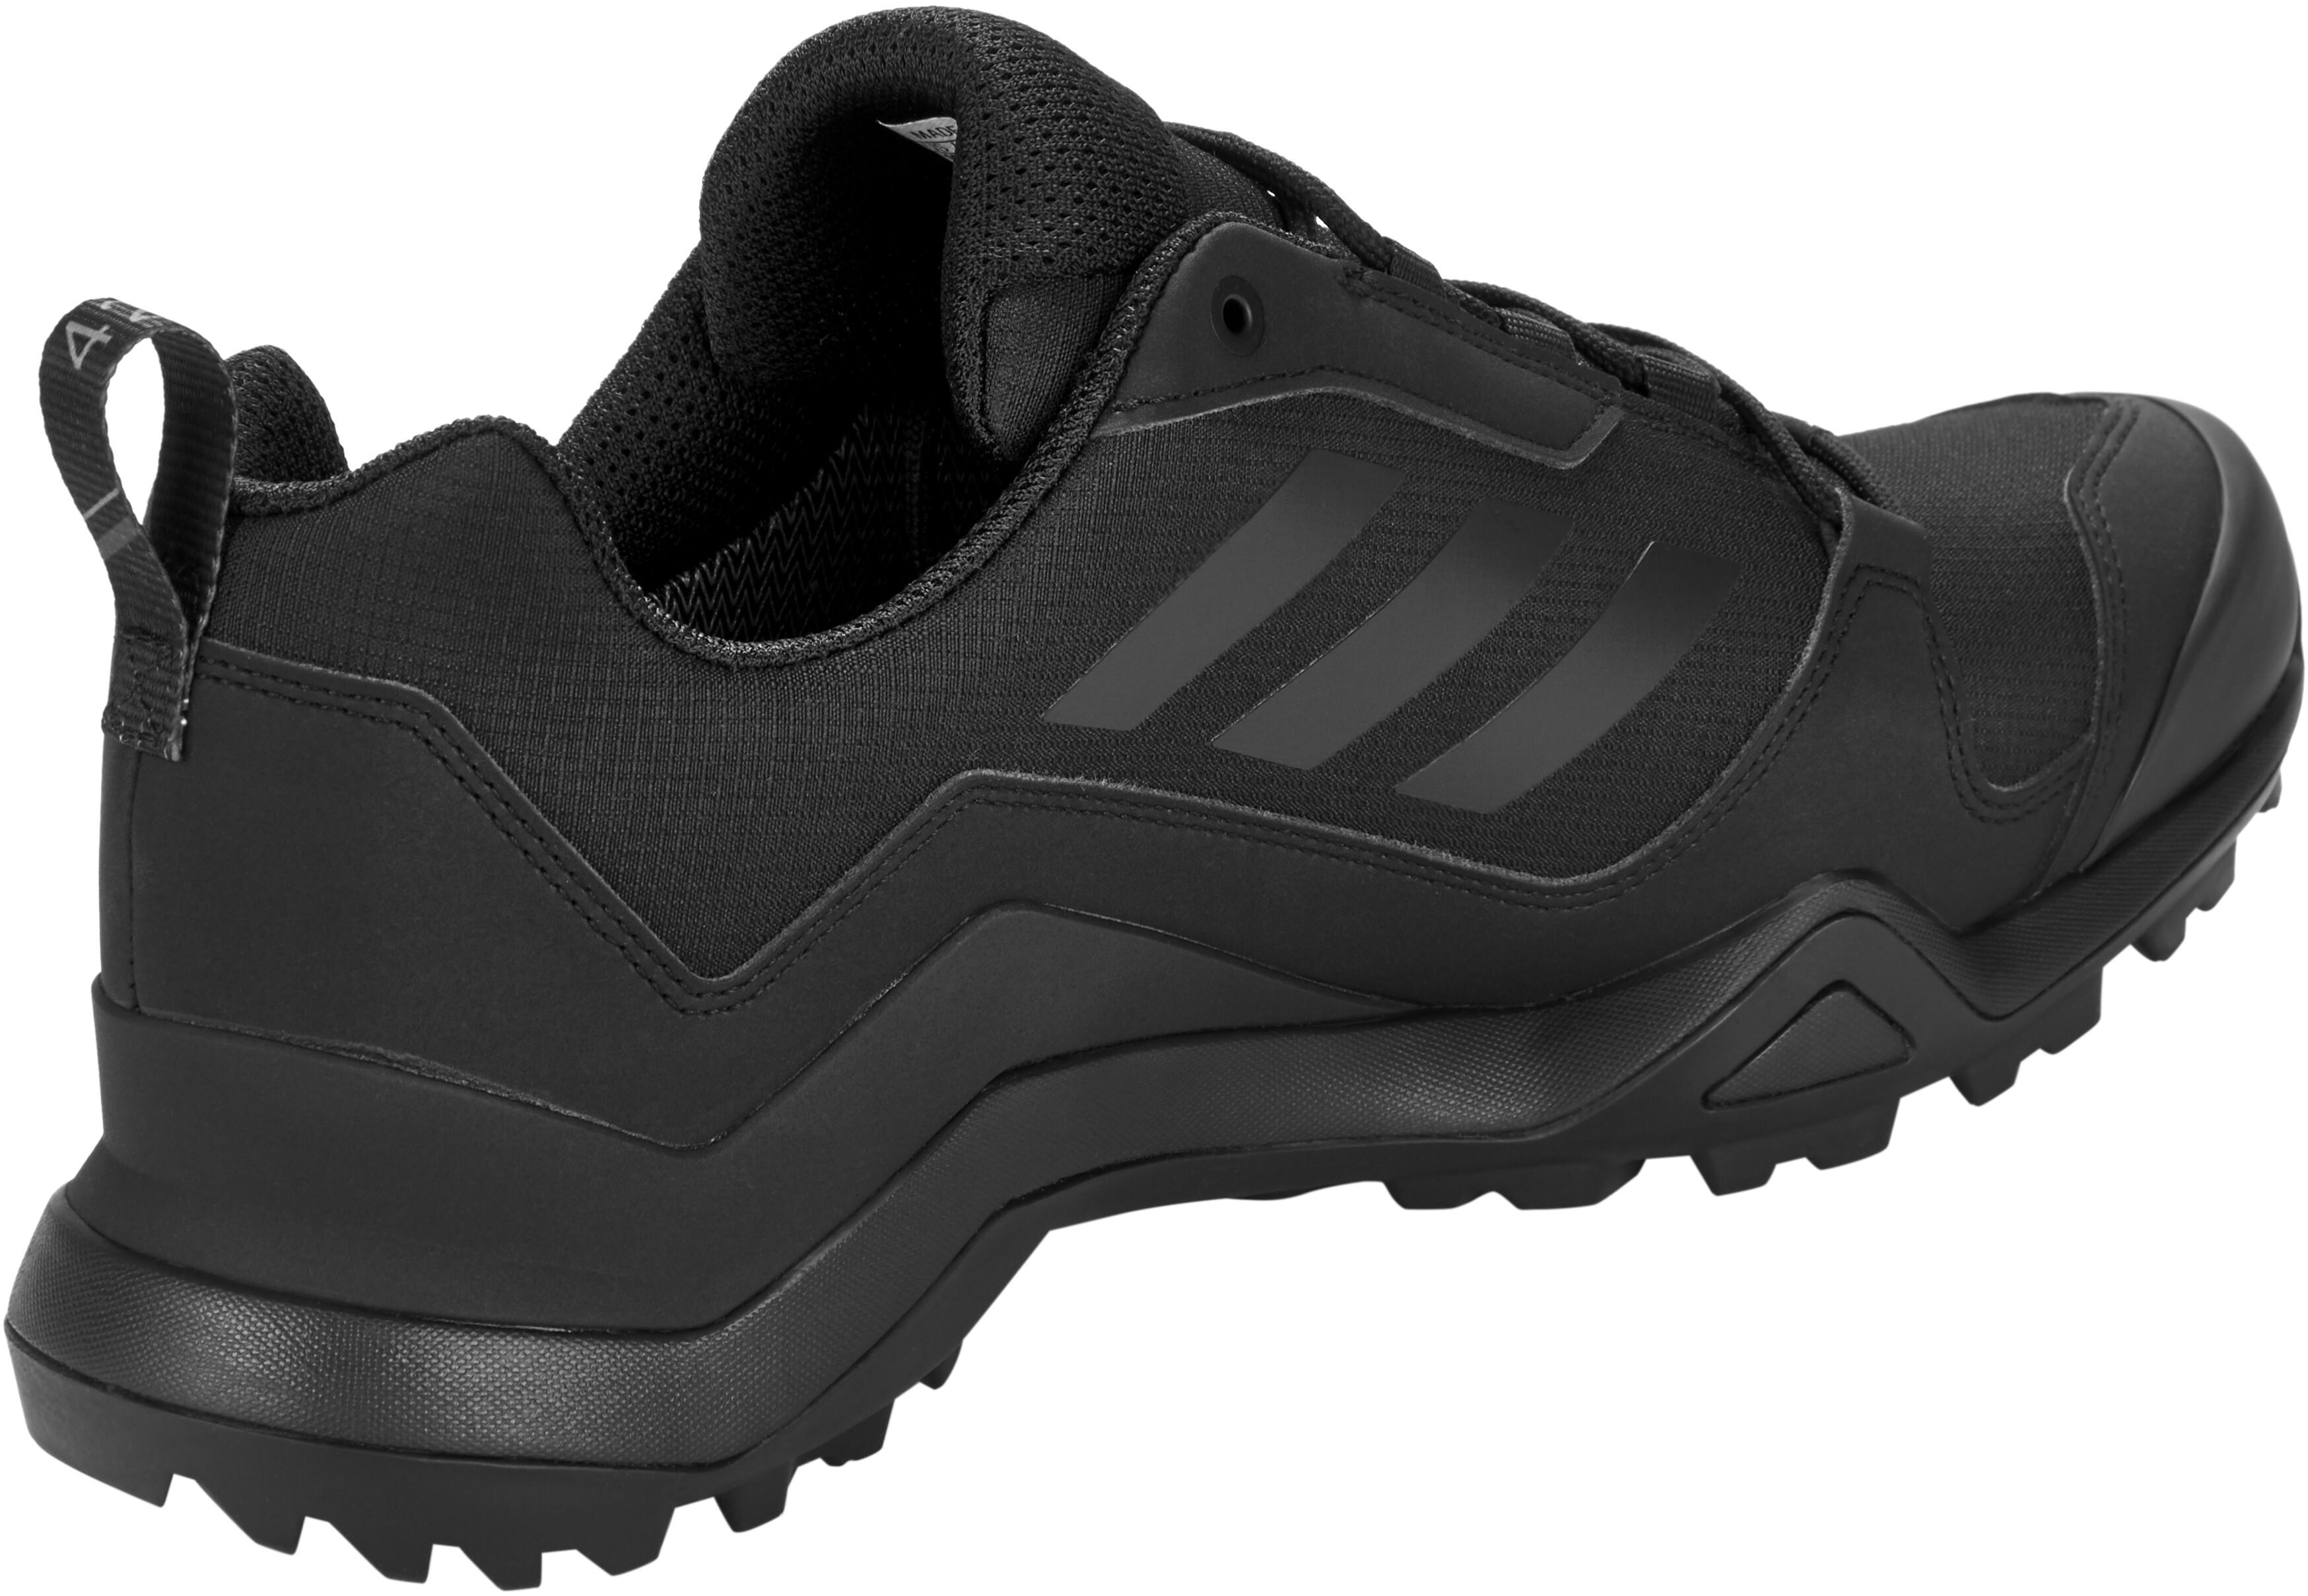 0cff25d4676 adidas TERREX Swift CP Schoenen Heren zwart l Outdoor winkel adidas terrex  swift cp schoen